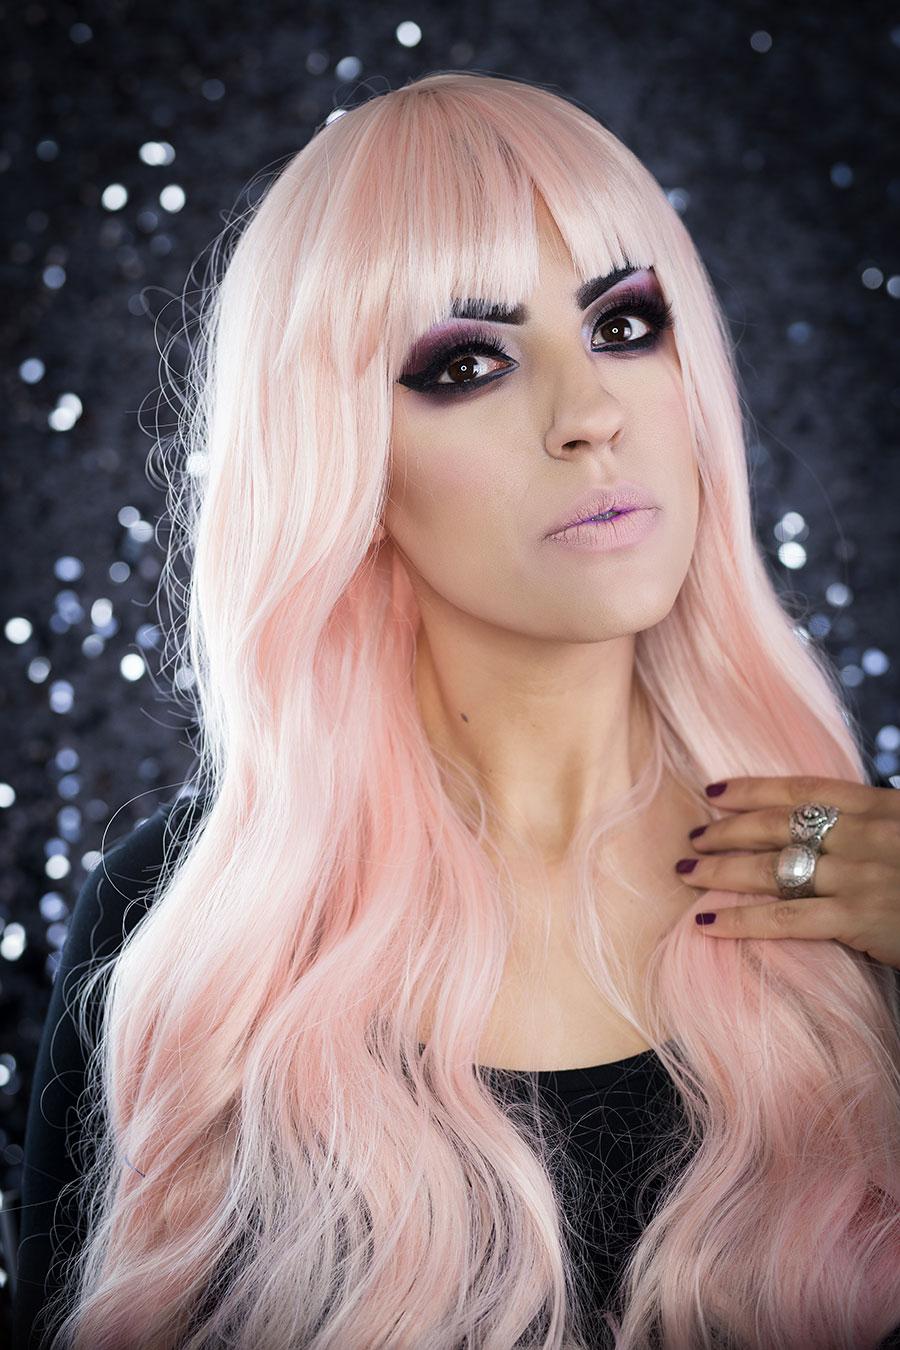 Cutie Pie Lush Wigs Cream Pink Blonde Gothic Lolita